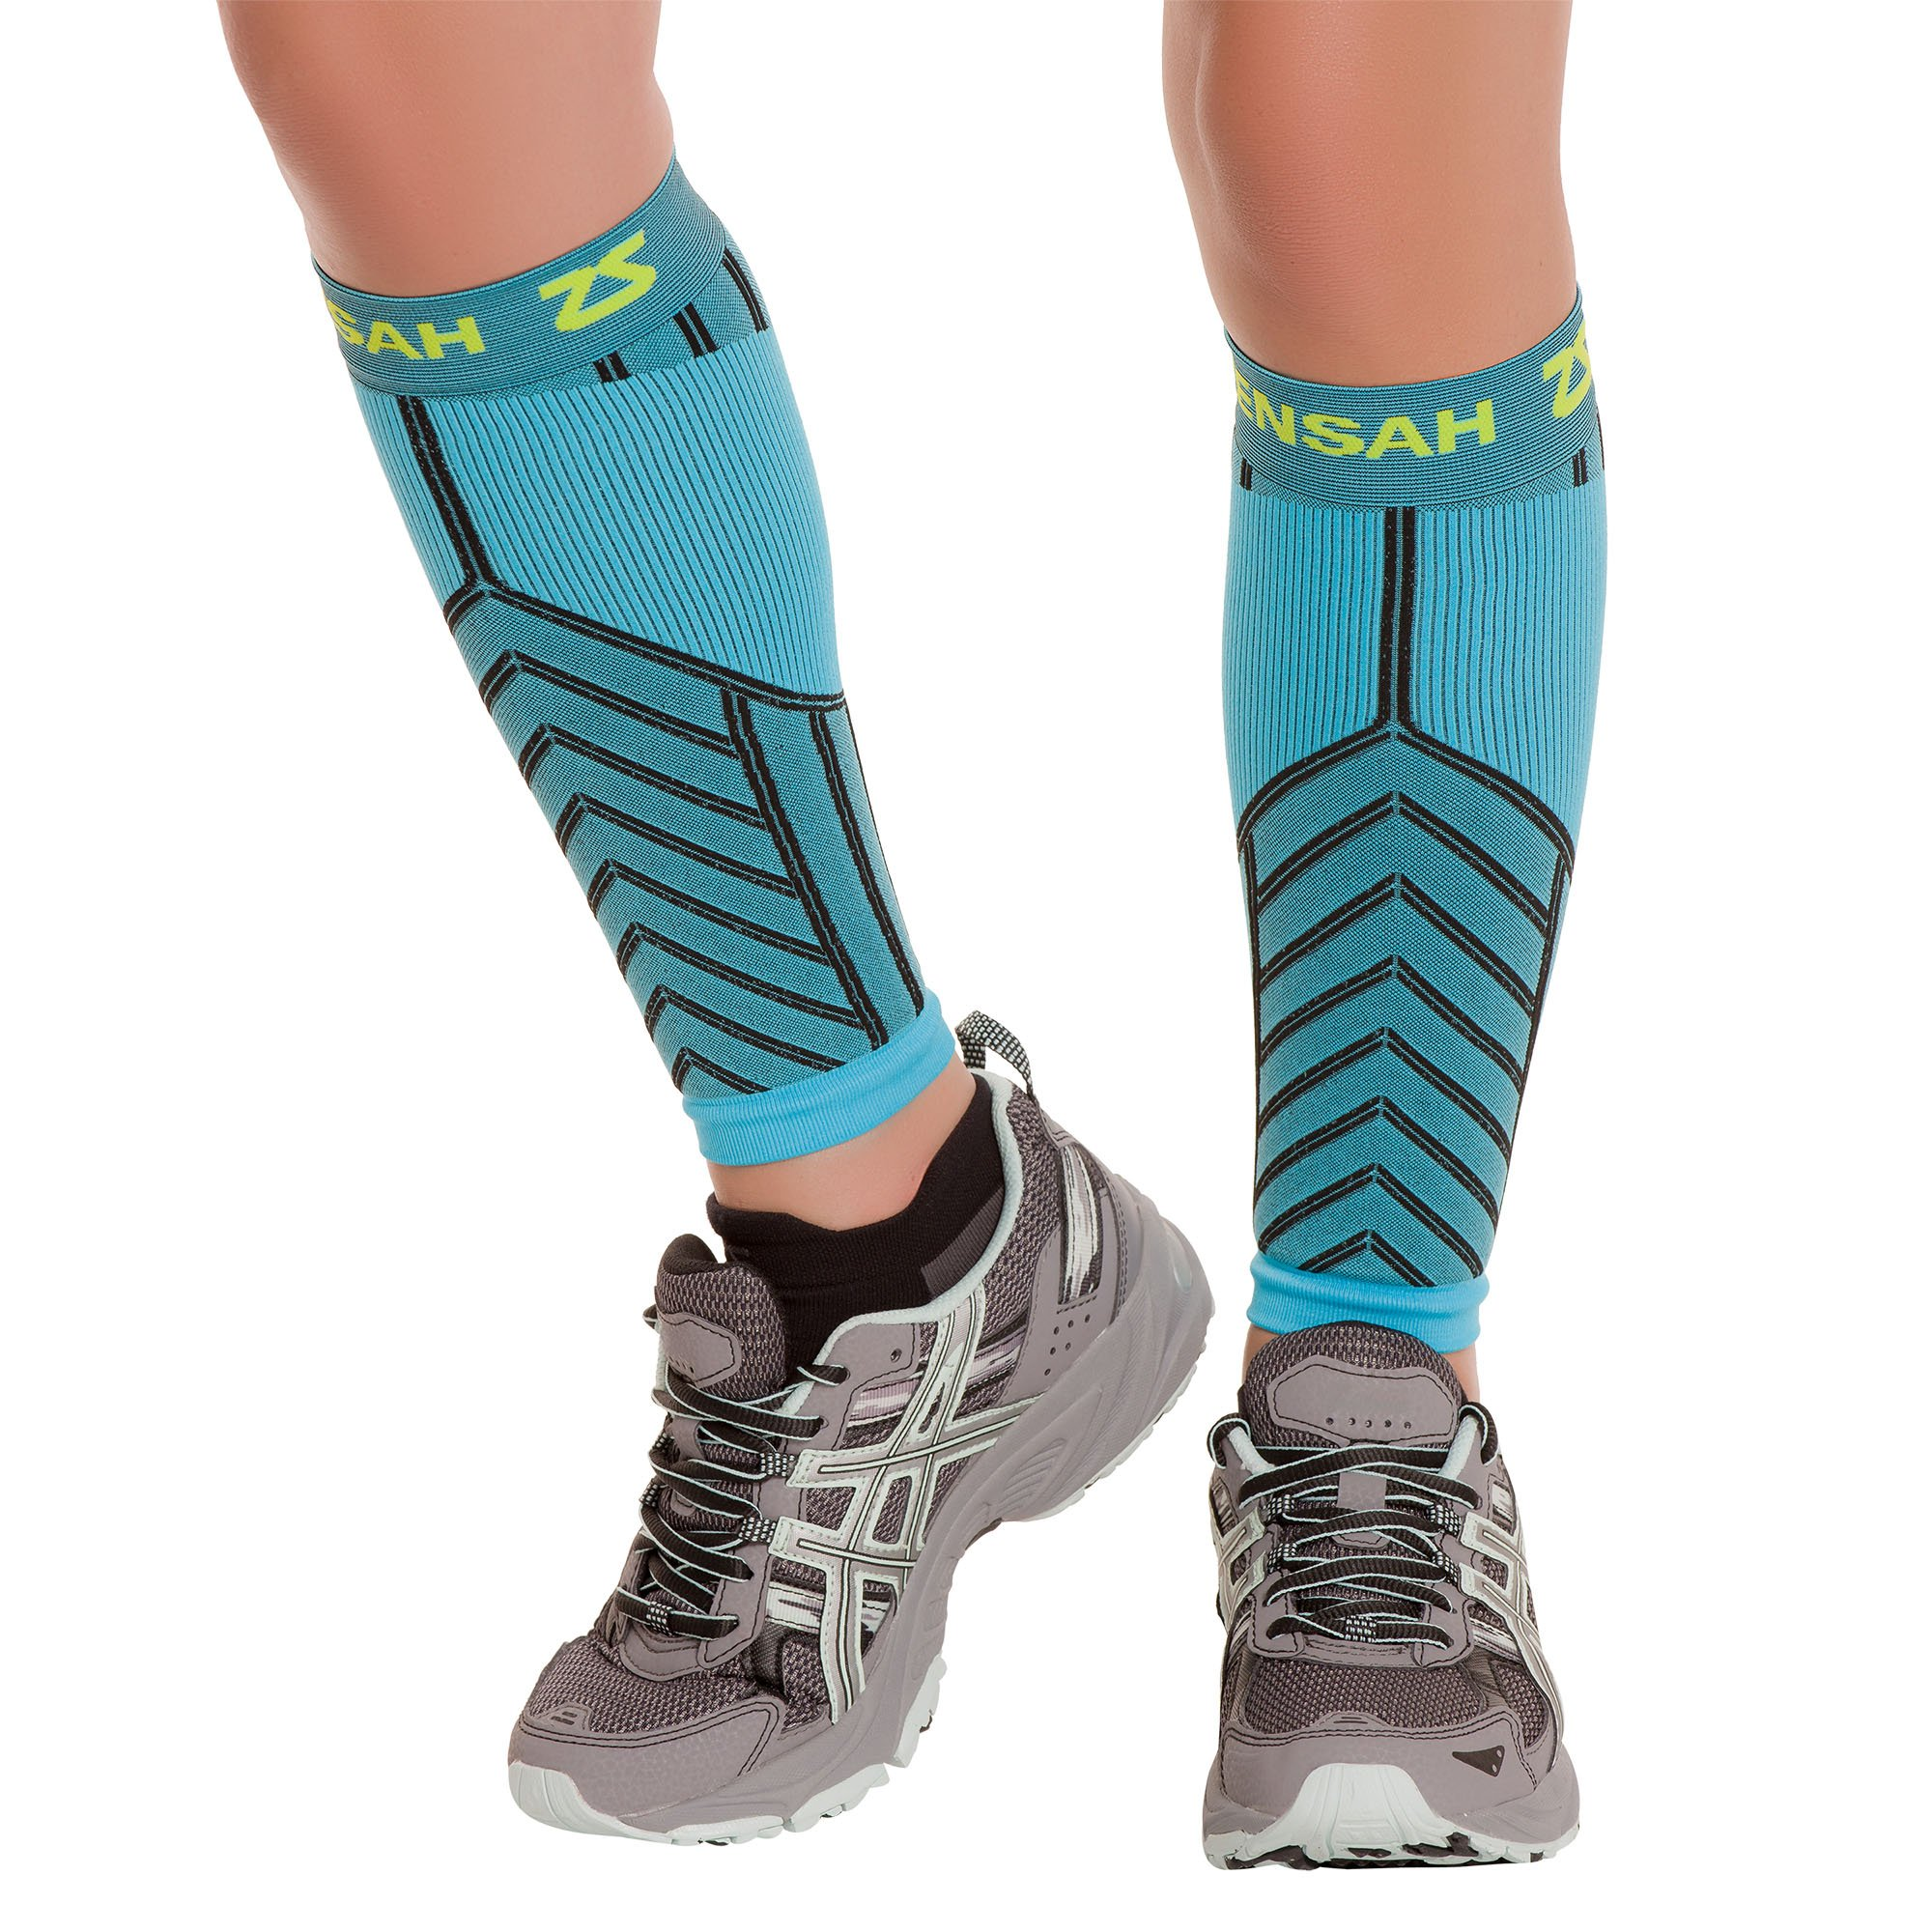 Zensah Compression Leg Sleeves by Zensah